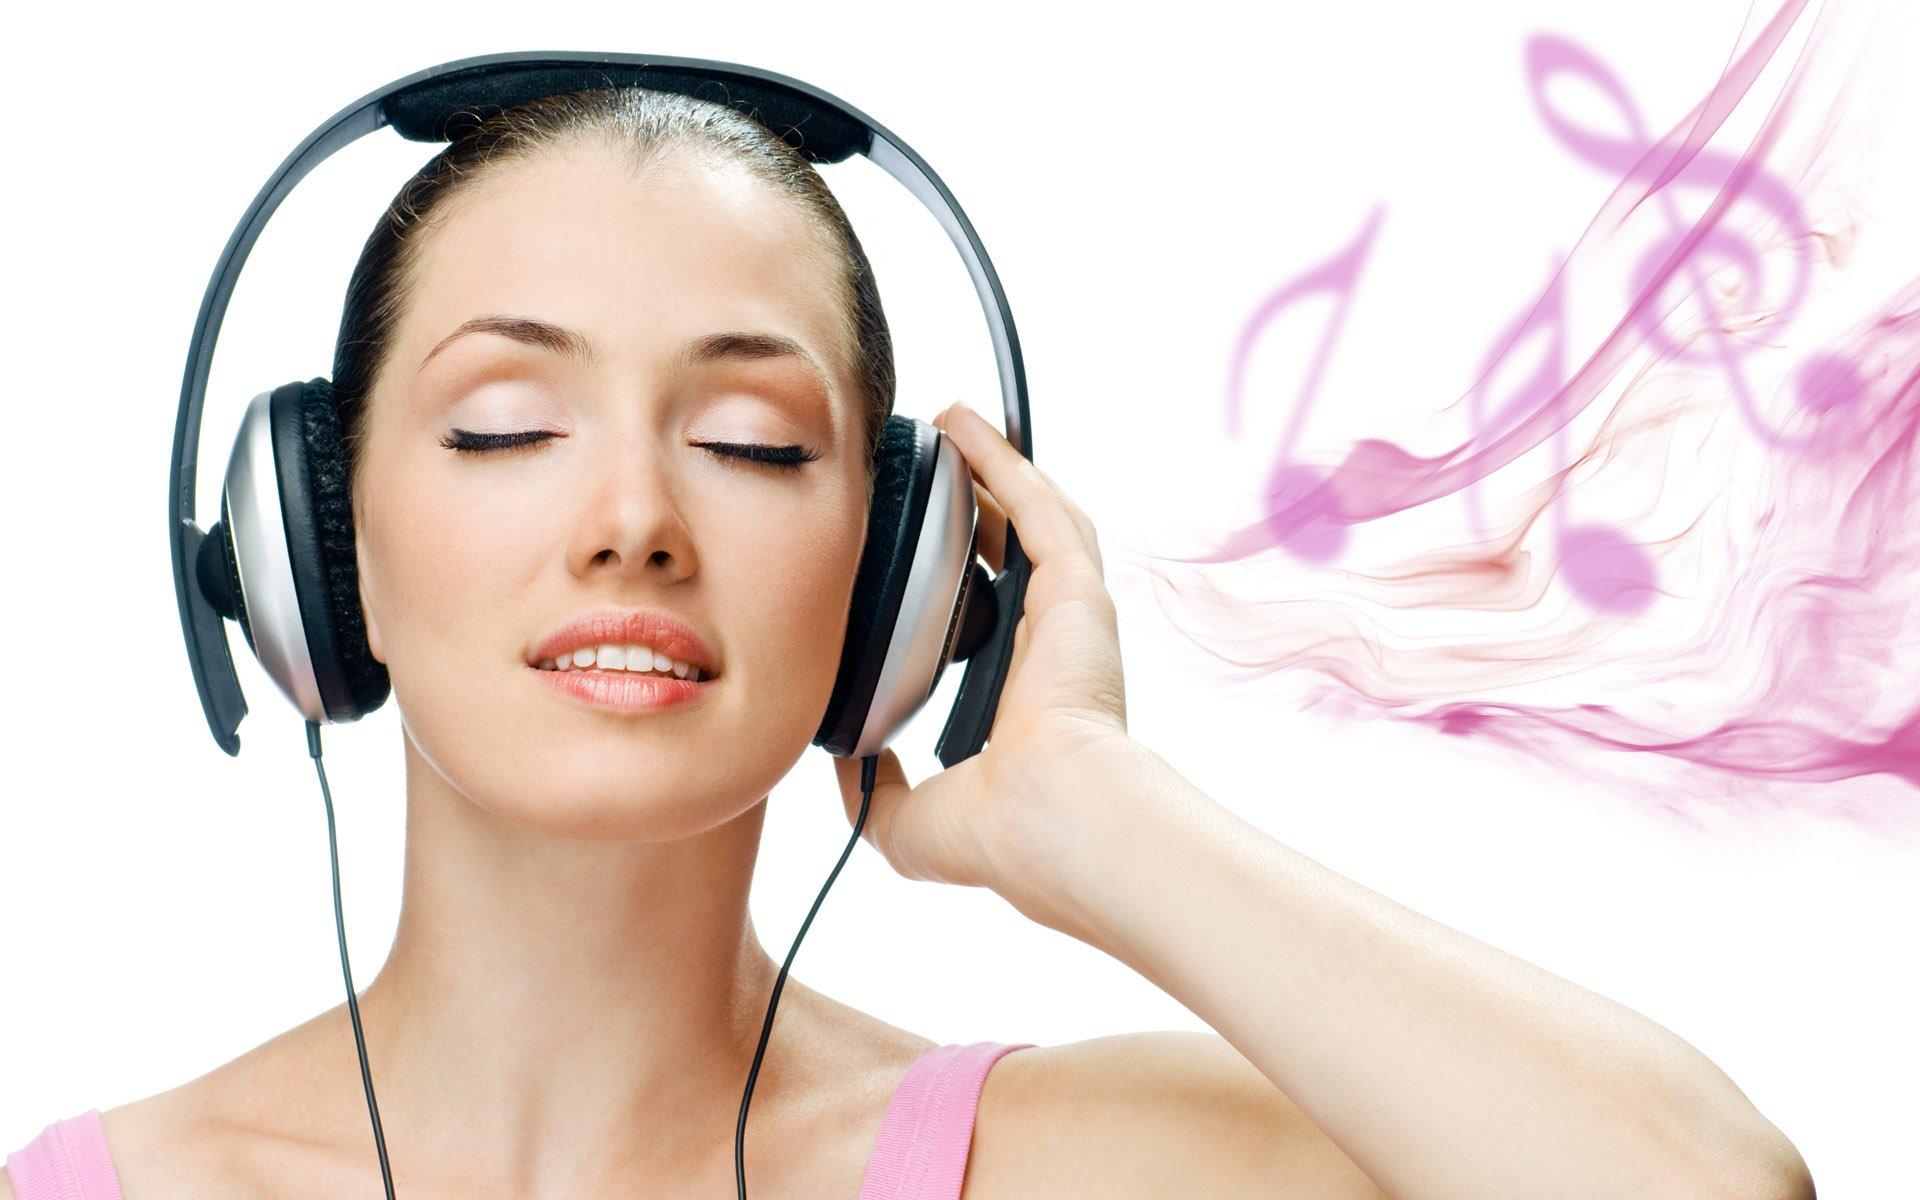 سماعات الأذن تقودك للإصابة بالصمم